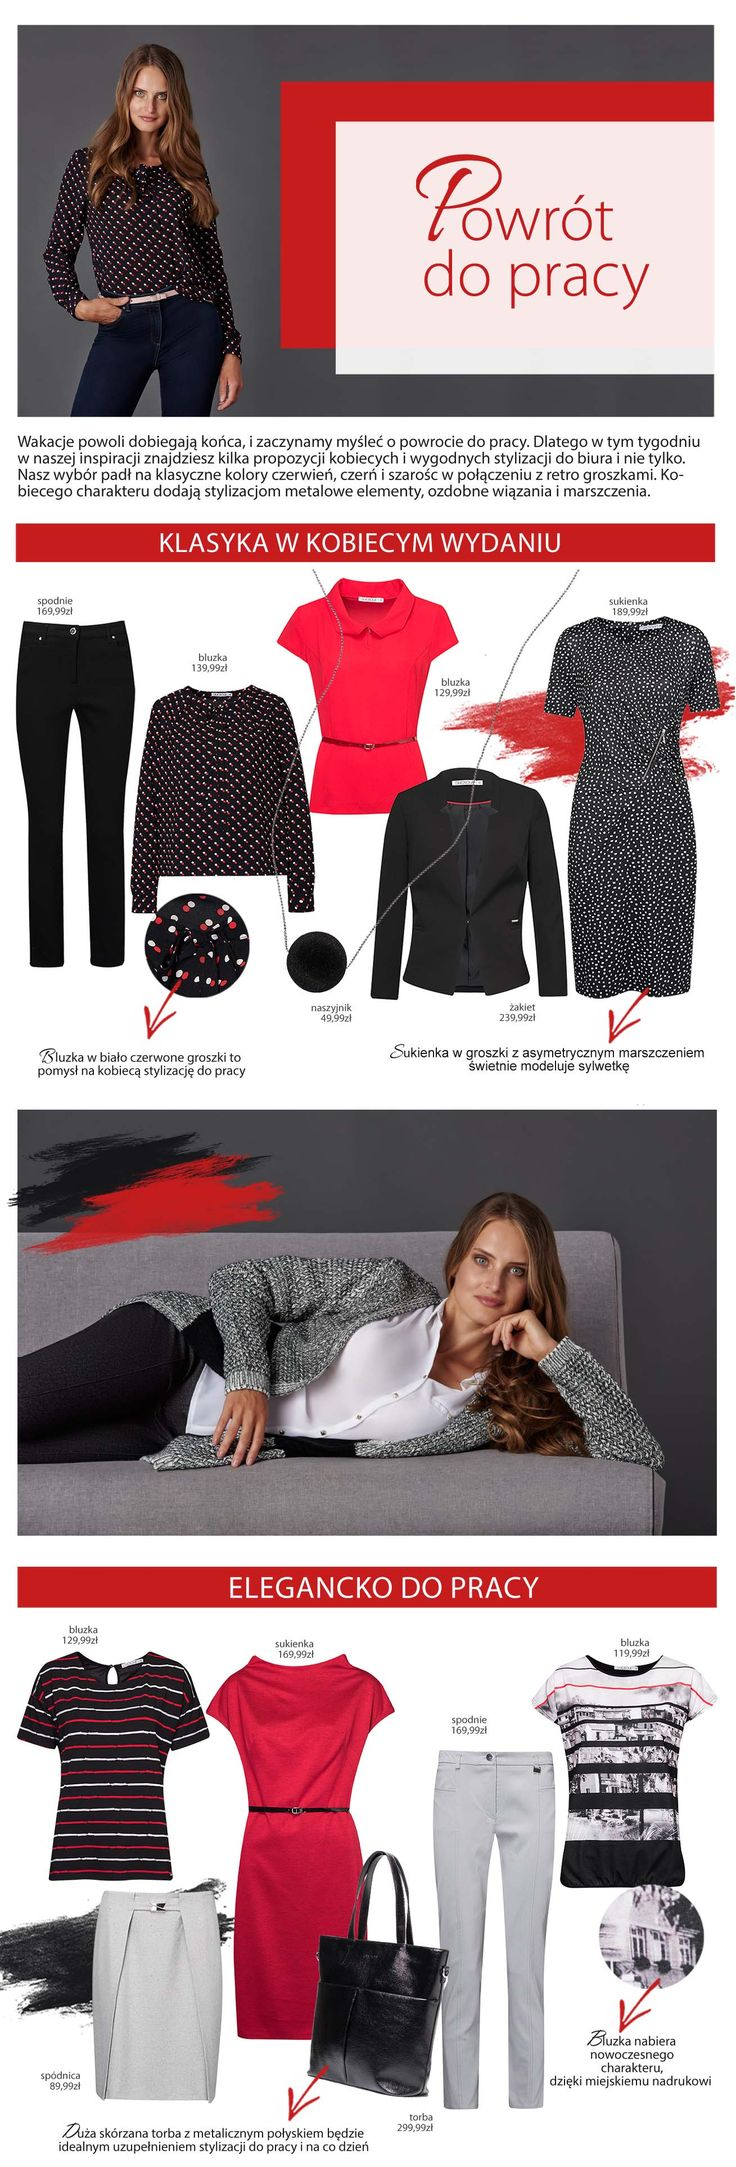 #quiosquepl #quiosque #naszeinspiracje  #lady #style #outfit #dress #blouse #bag #trousers #feminine #kobieco #womanwear #trends #inspirations  #fashion #polishfashion #polishbrand #aw1617 #powrotdopracy